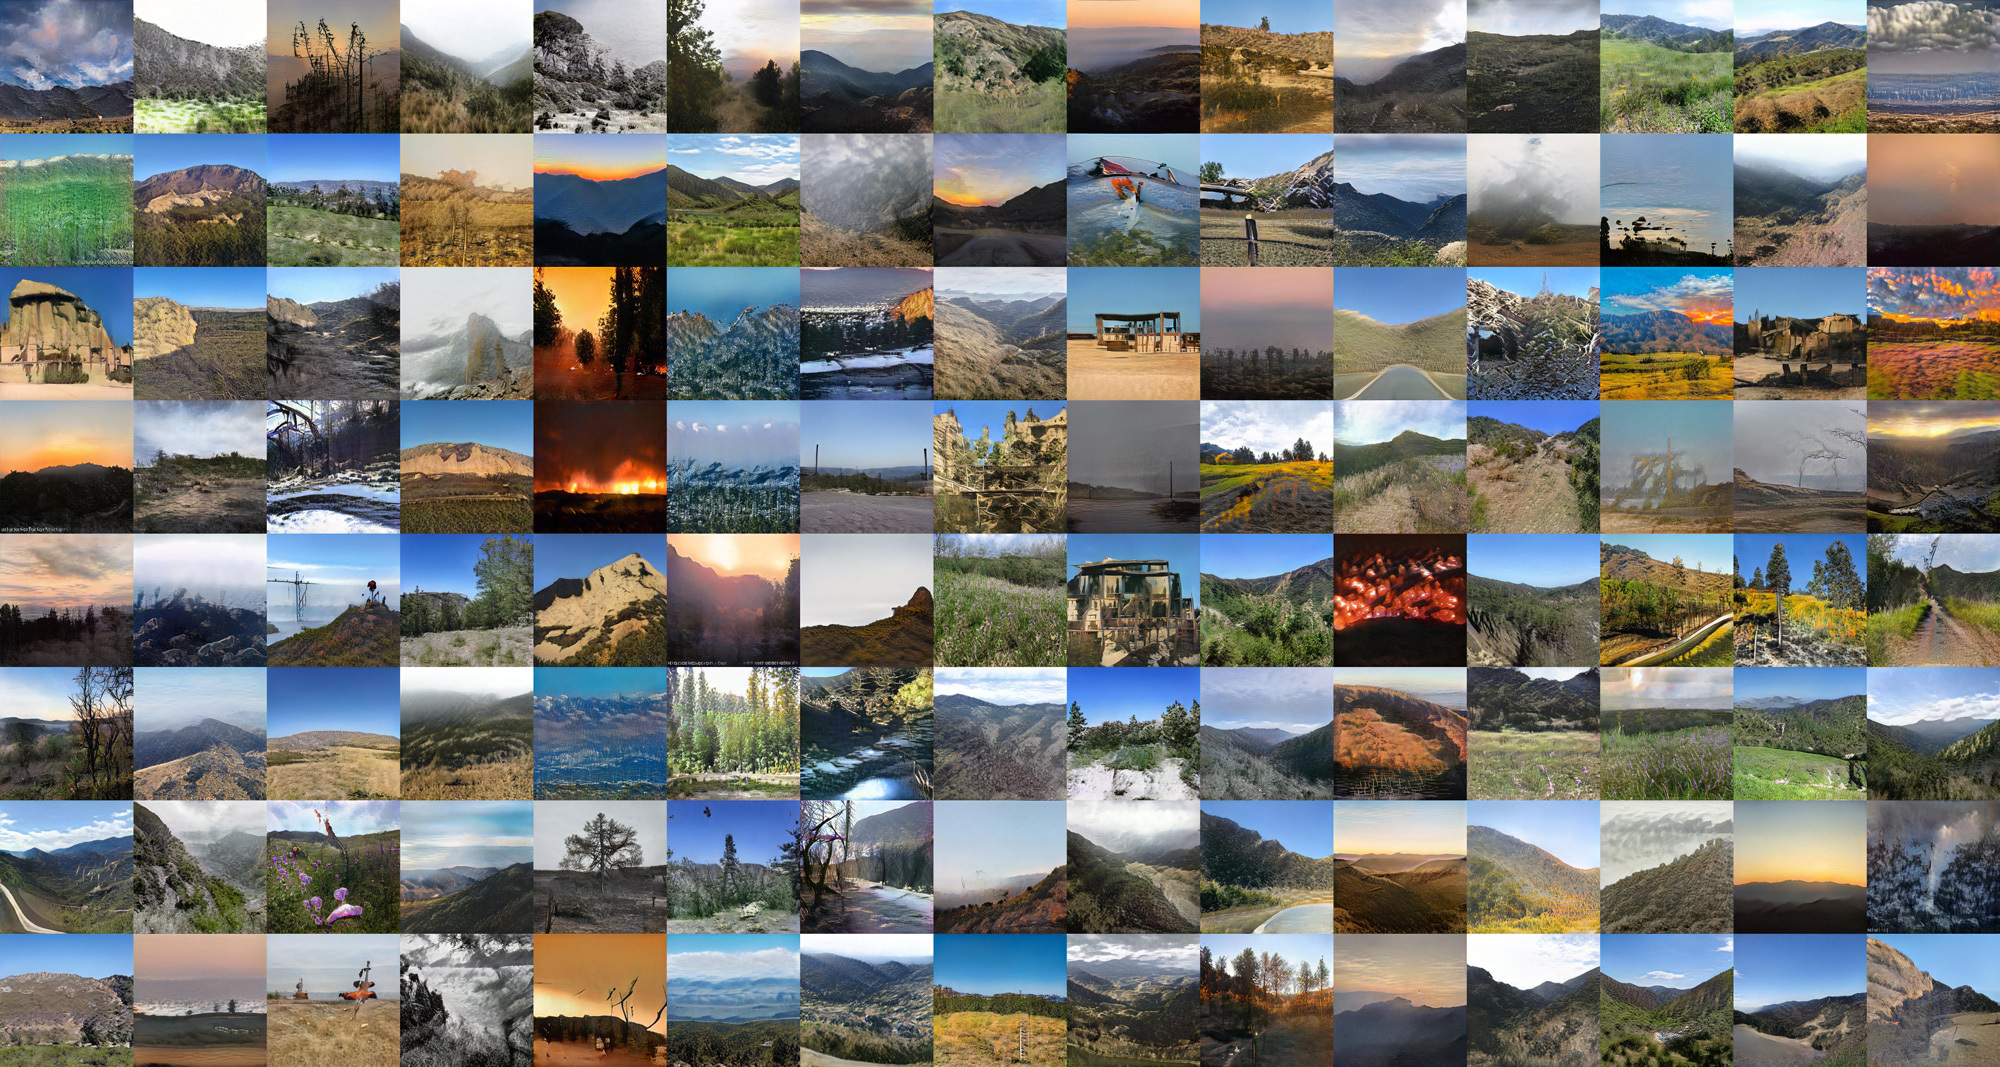 grid of landscape images